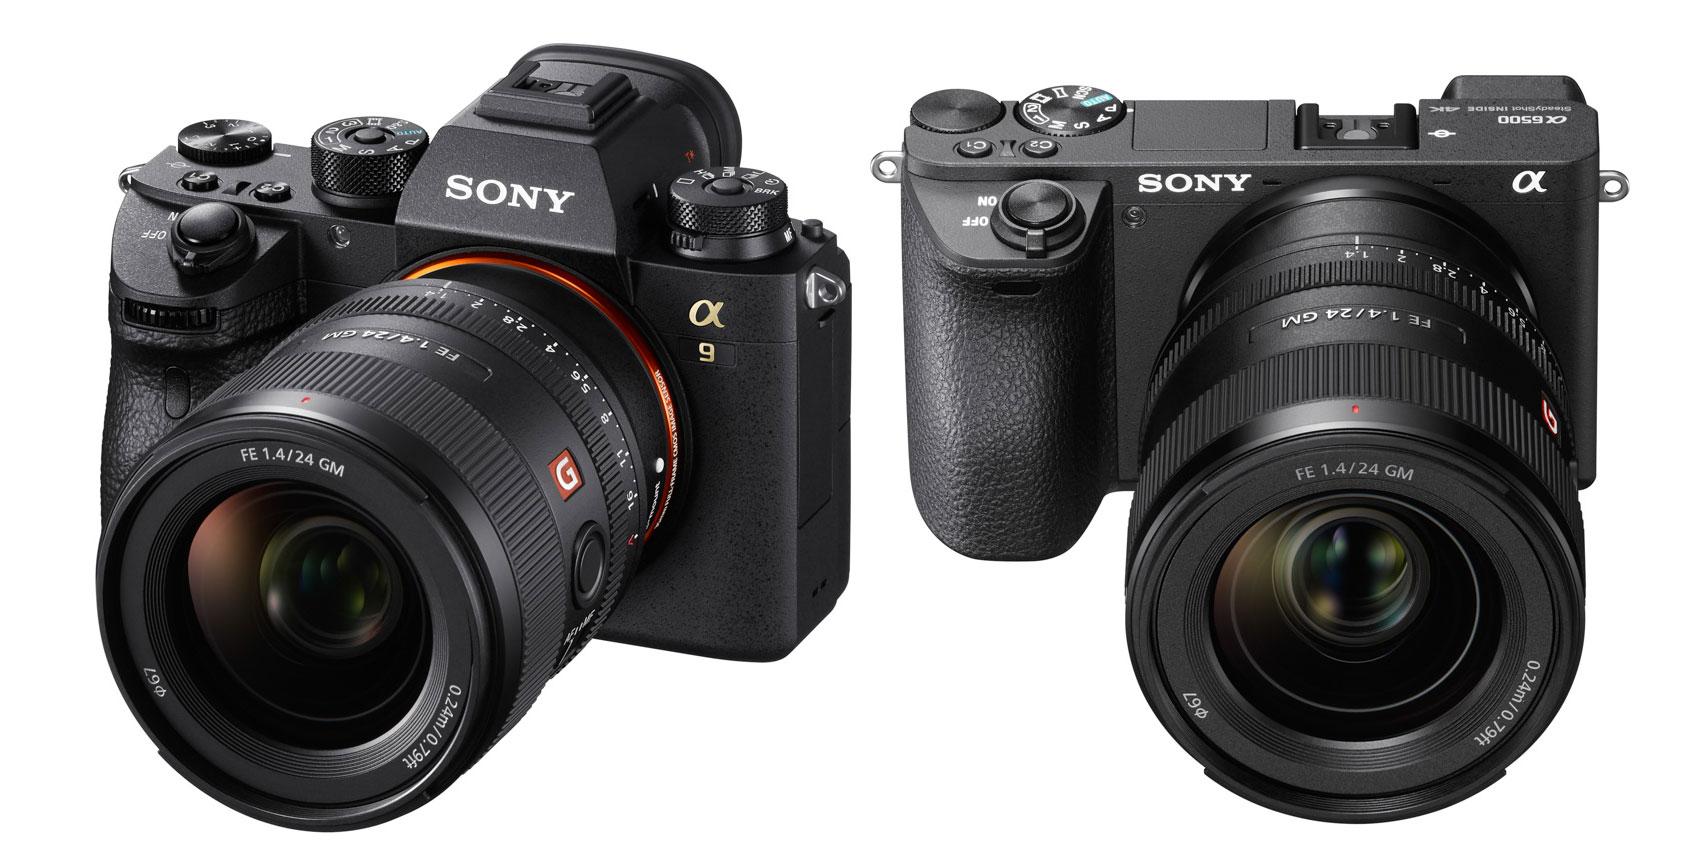 Nüüd saadaval: Sony 24mm f/1.4 GM lainurkobjektiiv